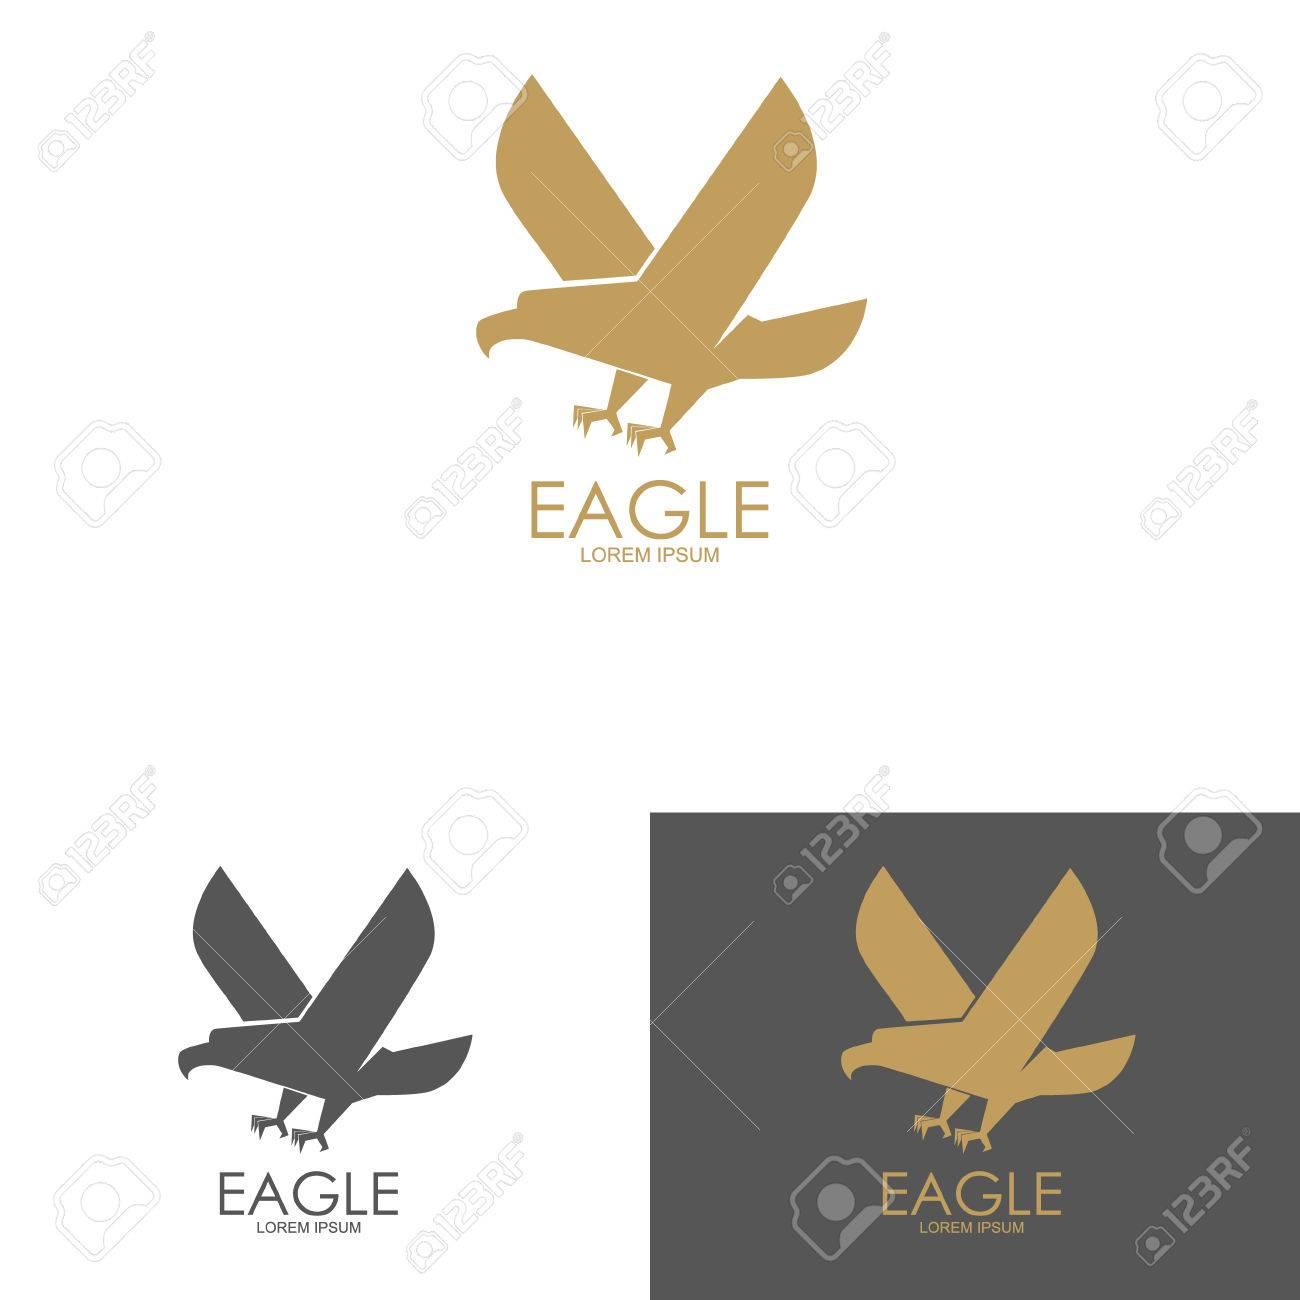 Pour De Silhouette Avec Modèle Élément Design Une Logo D'aigle awgxd8Bq